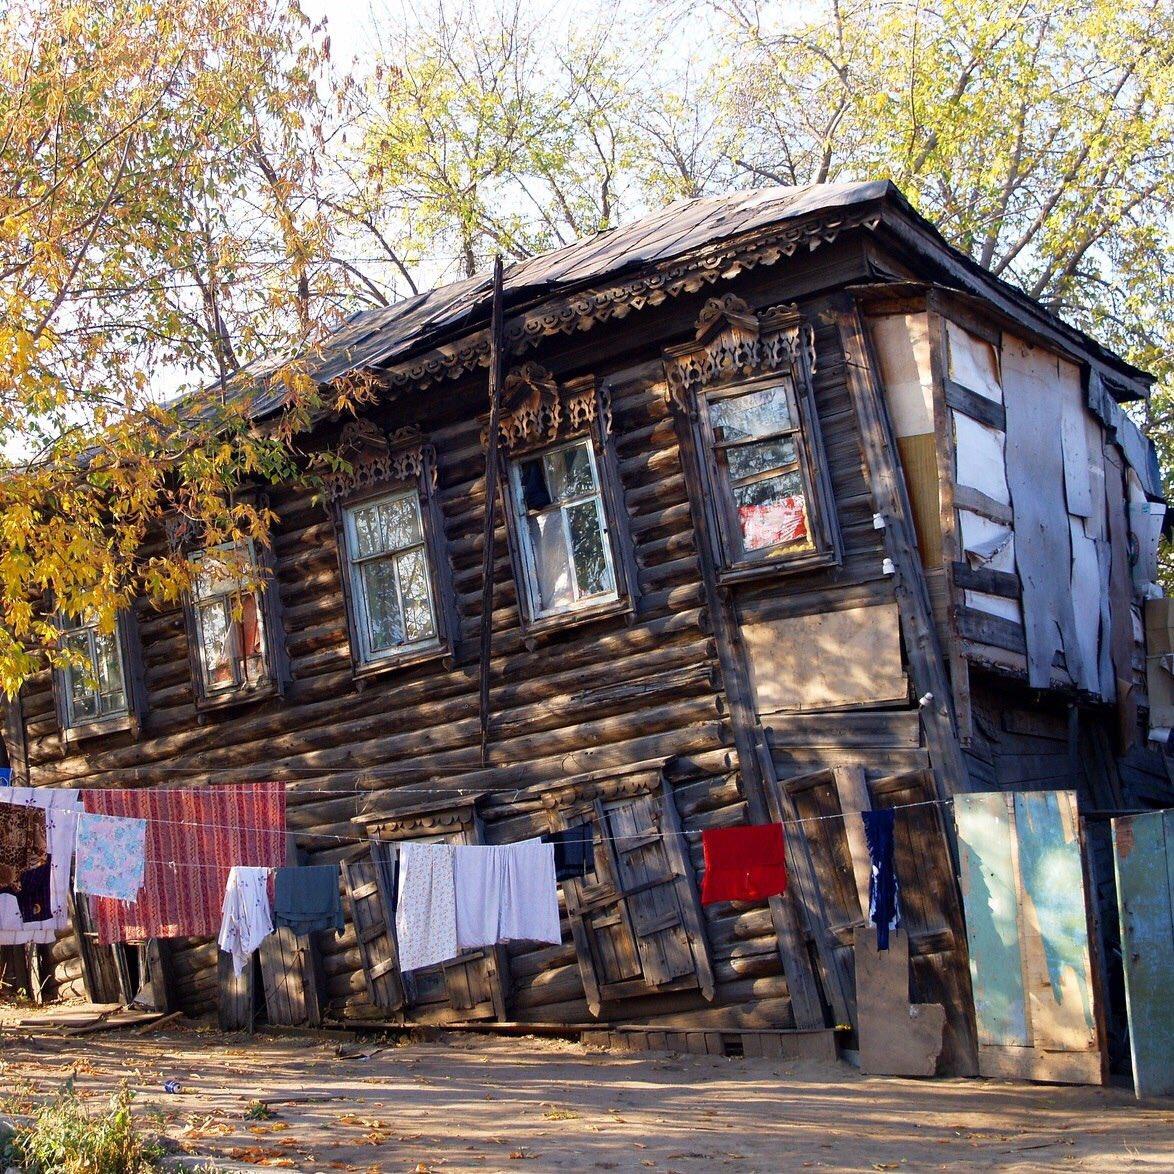 ветхий дом на окраине плаче впевненою грозою